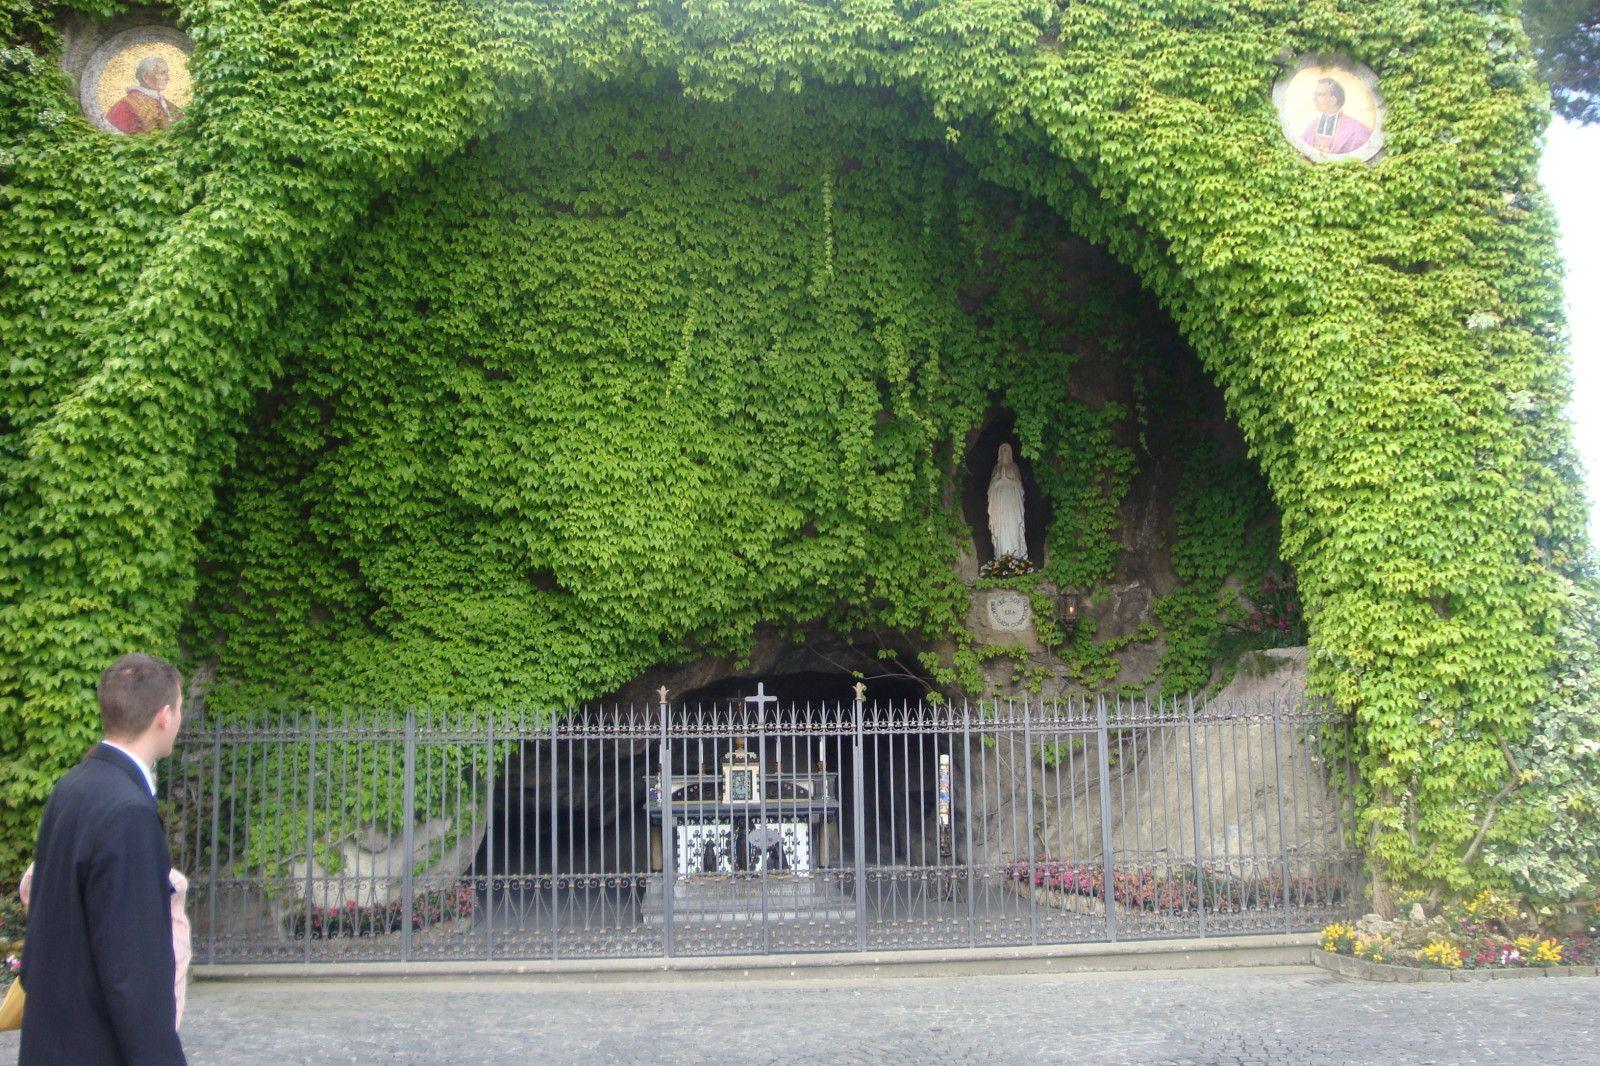 La Grotte De Lourdes Dans Les Jardins Du Vatican Lourdes Grotte Pape Pie X